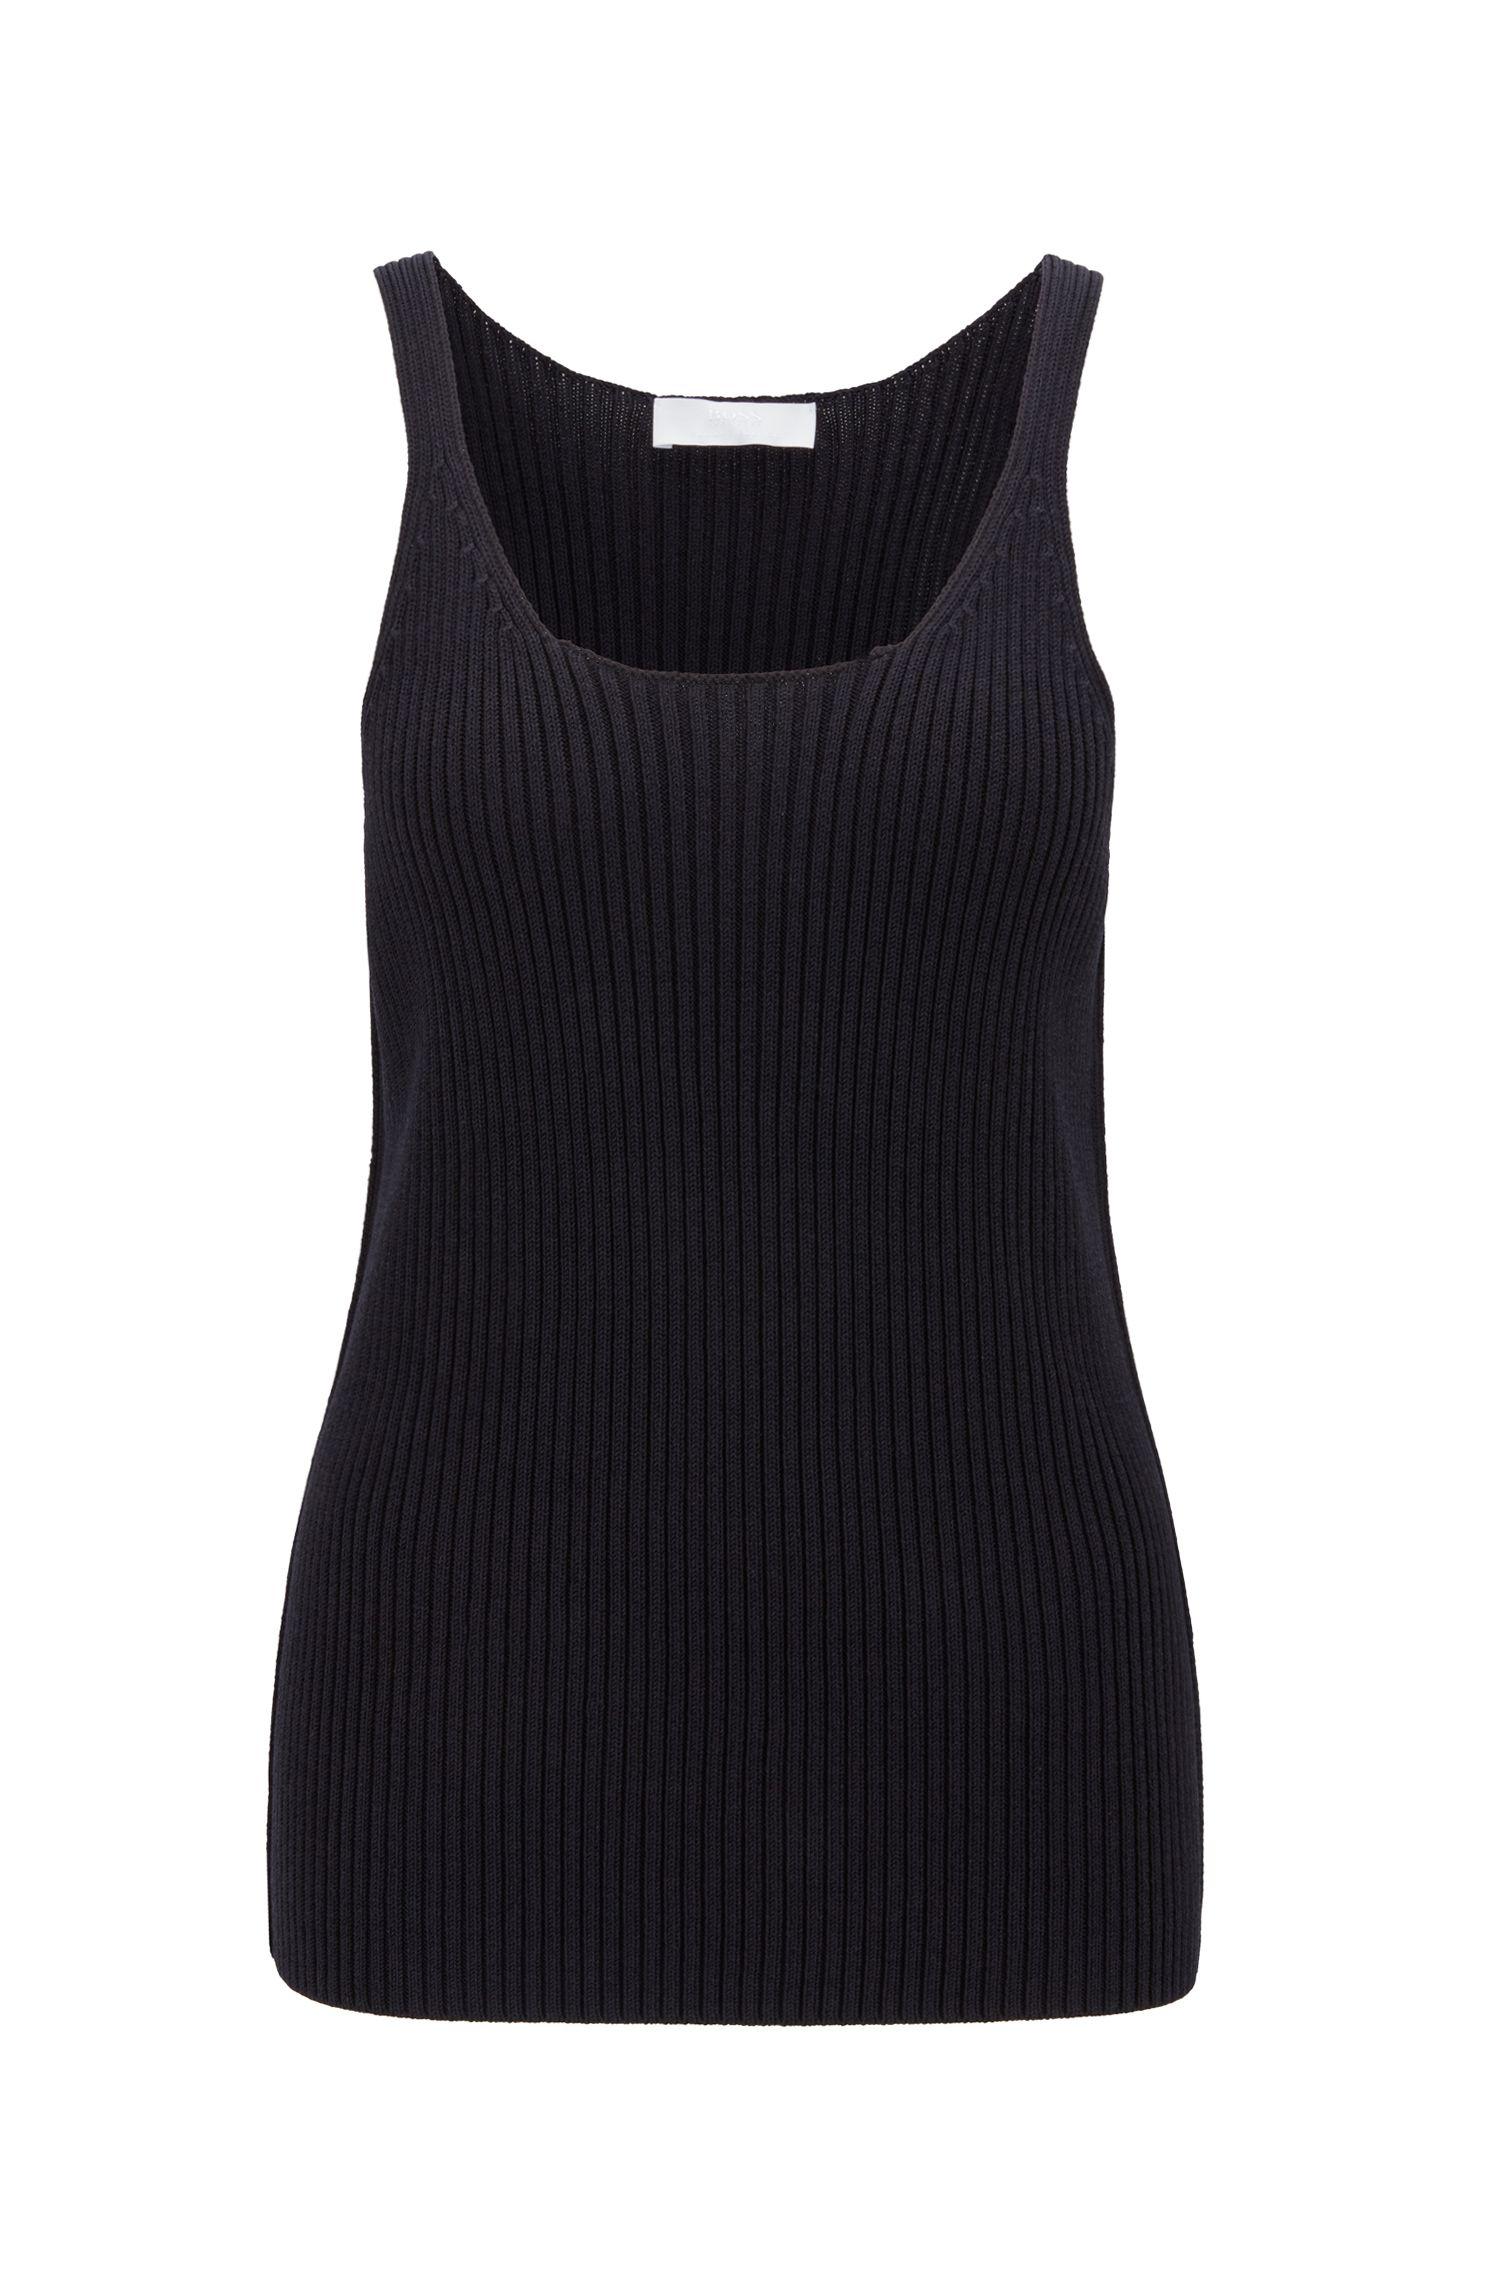 Slim-fit mouwloze top uit de Fashion Show, van gebreid materiaal, Donkerblauw